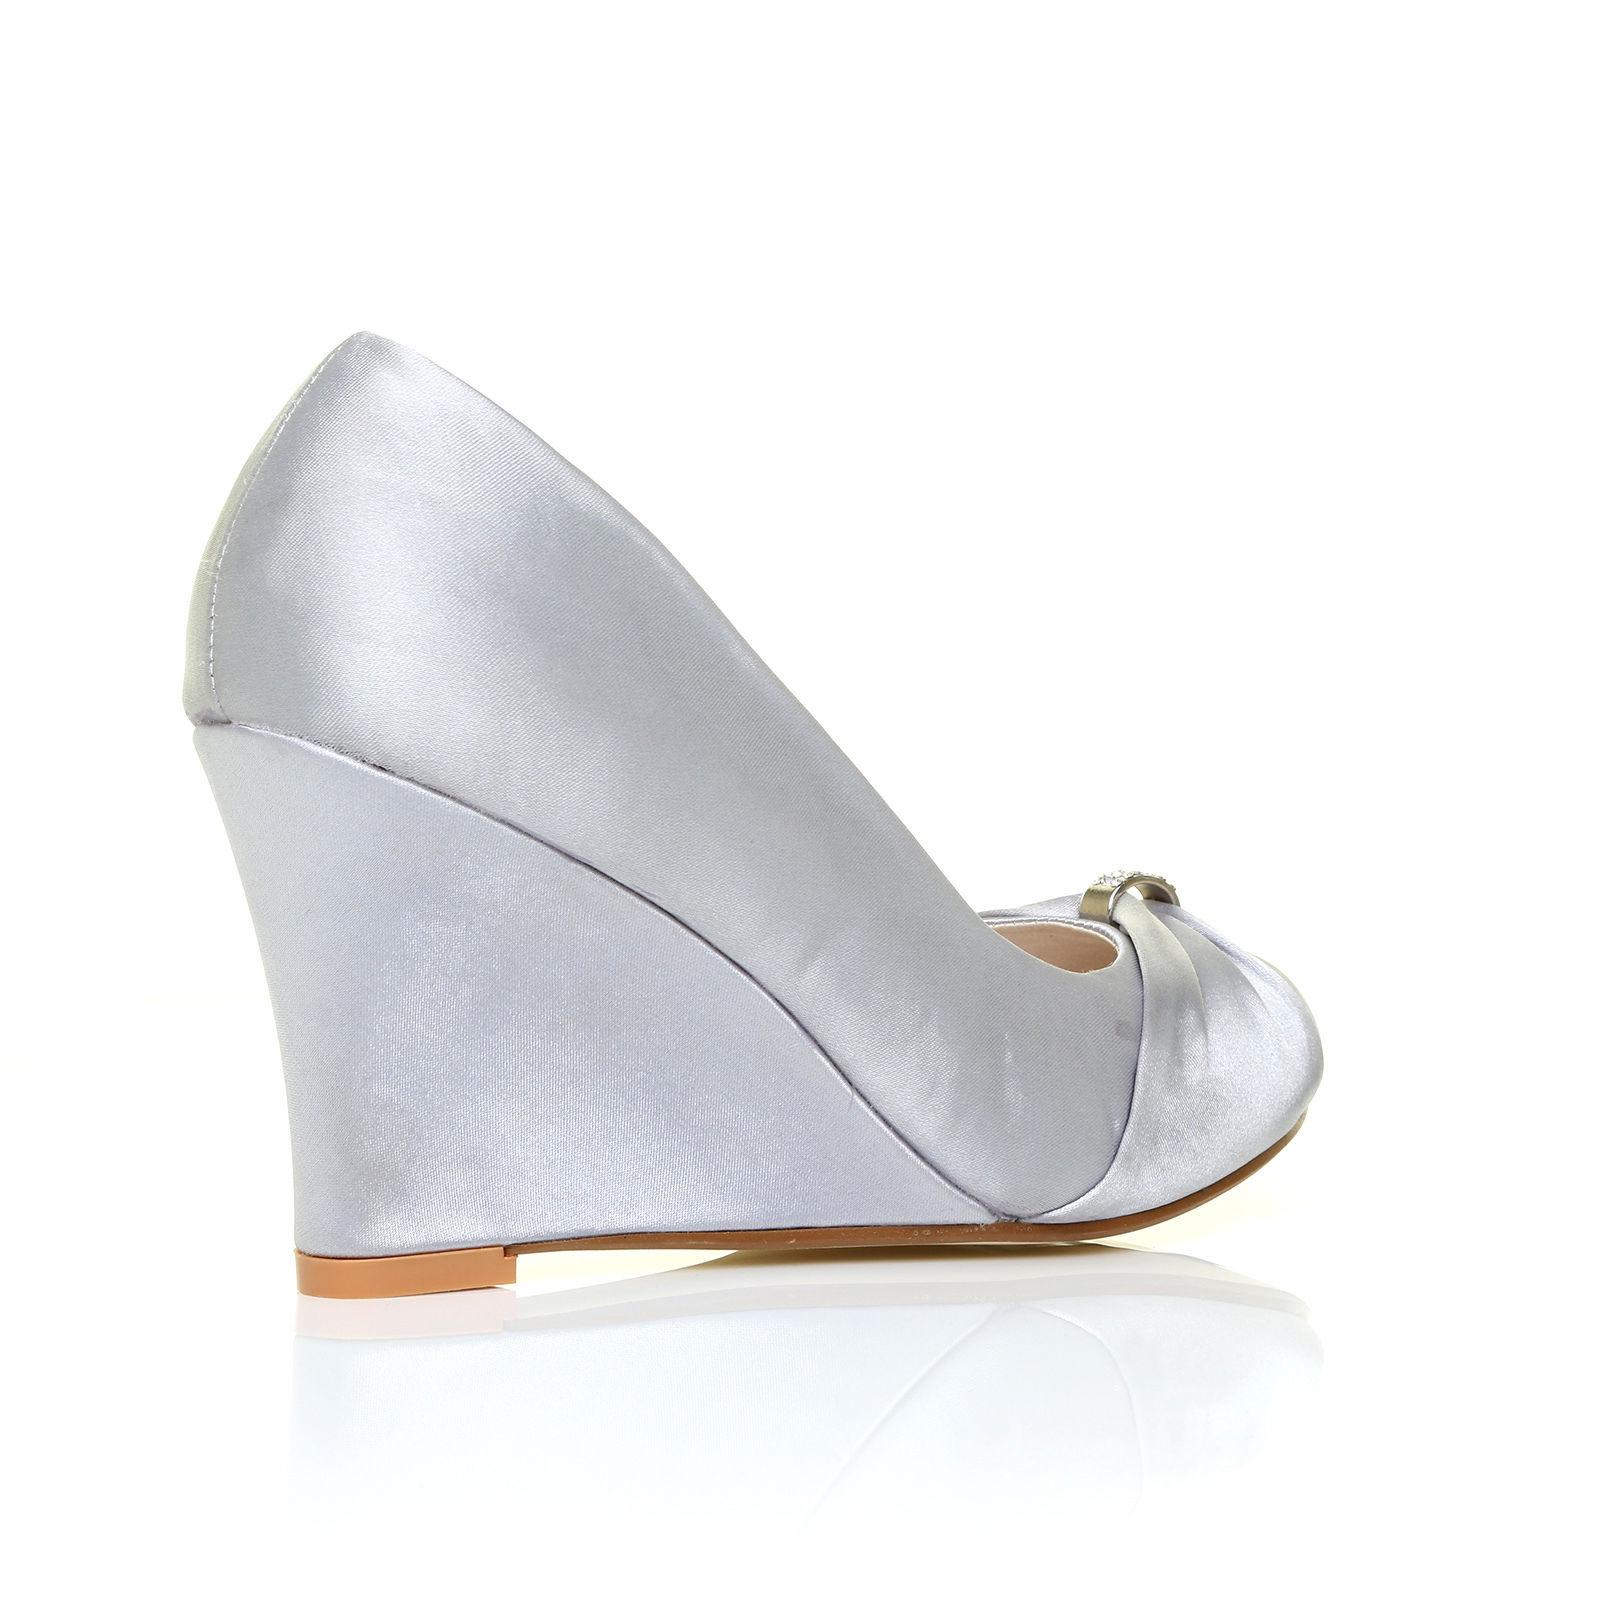 Stříbrné společenské boty, klínek, 36-41 - Obrázek č. 2